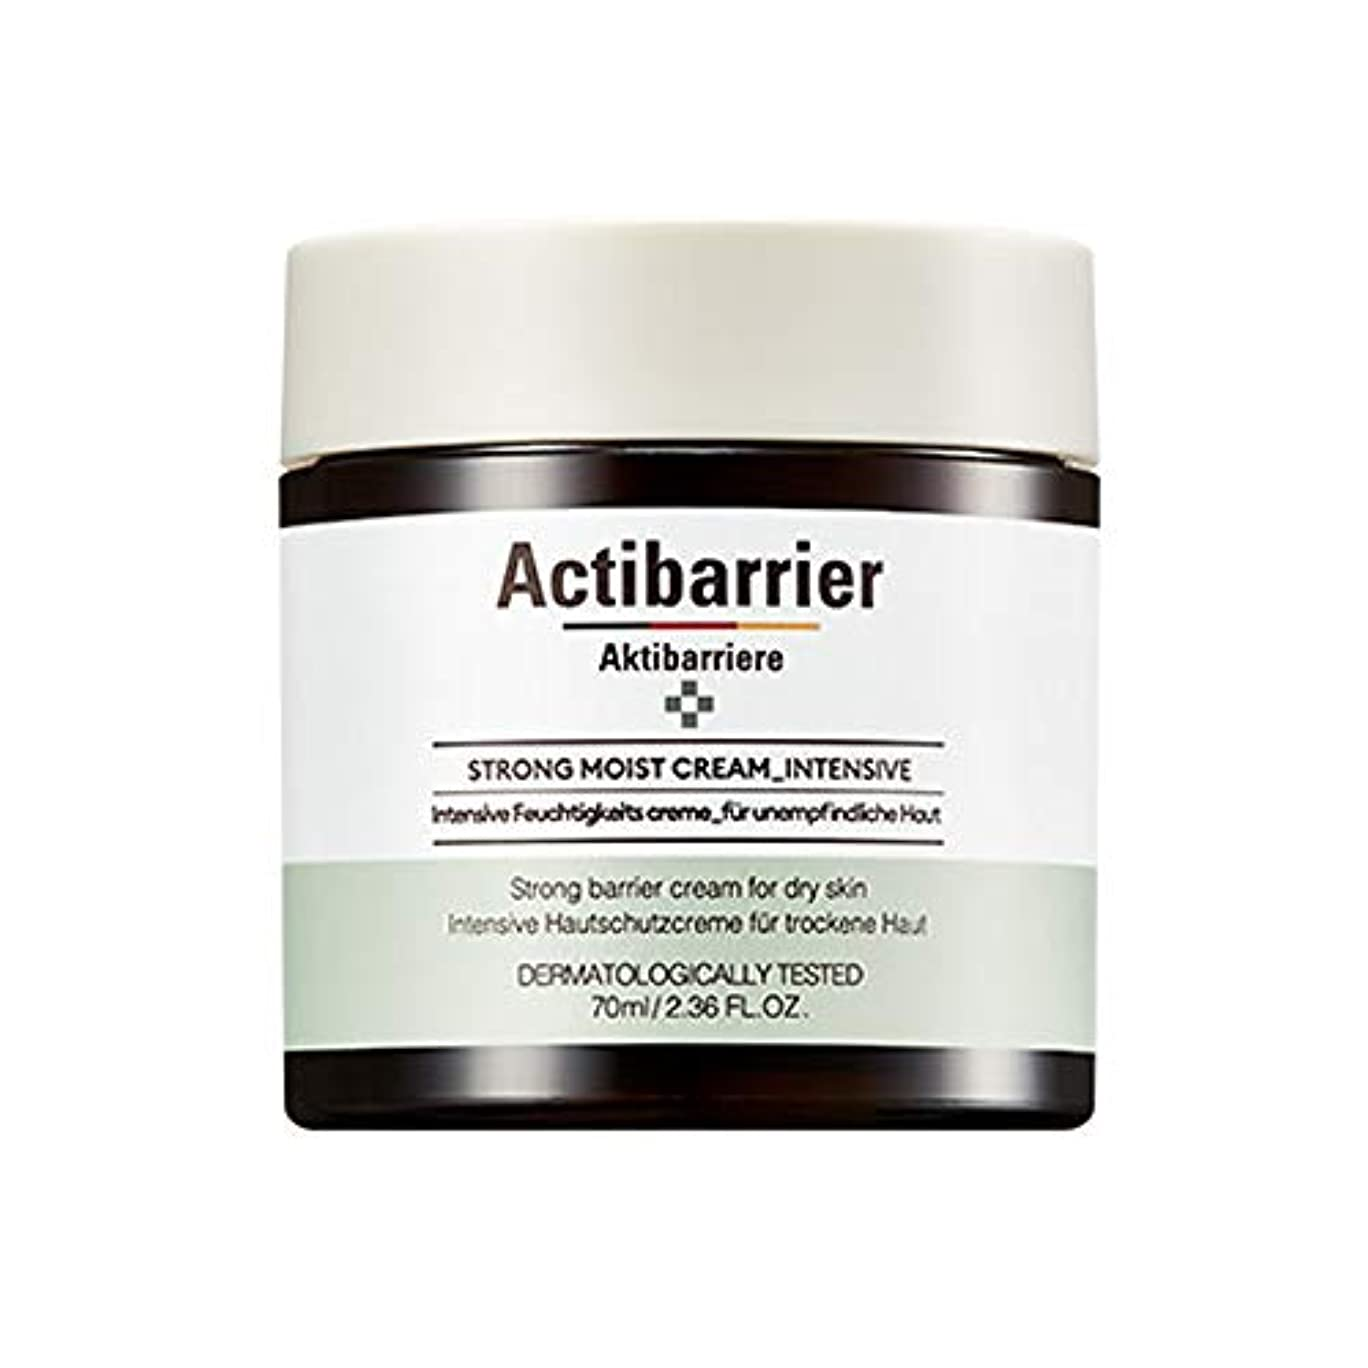 セメント机拒絶するActibarrier Strong Moist Cream_Intensiveアクチバリアストロングモイストクリーム_インテンシブ [並行輸入品]